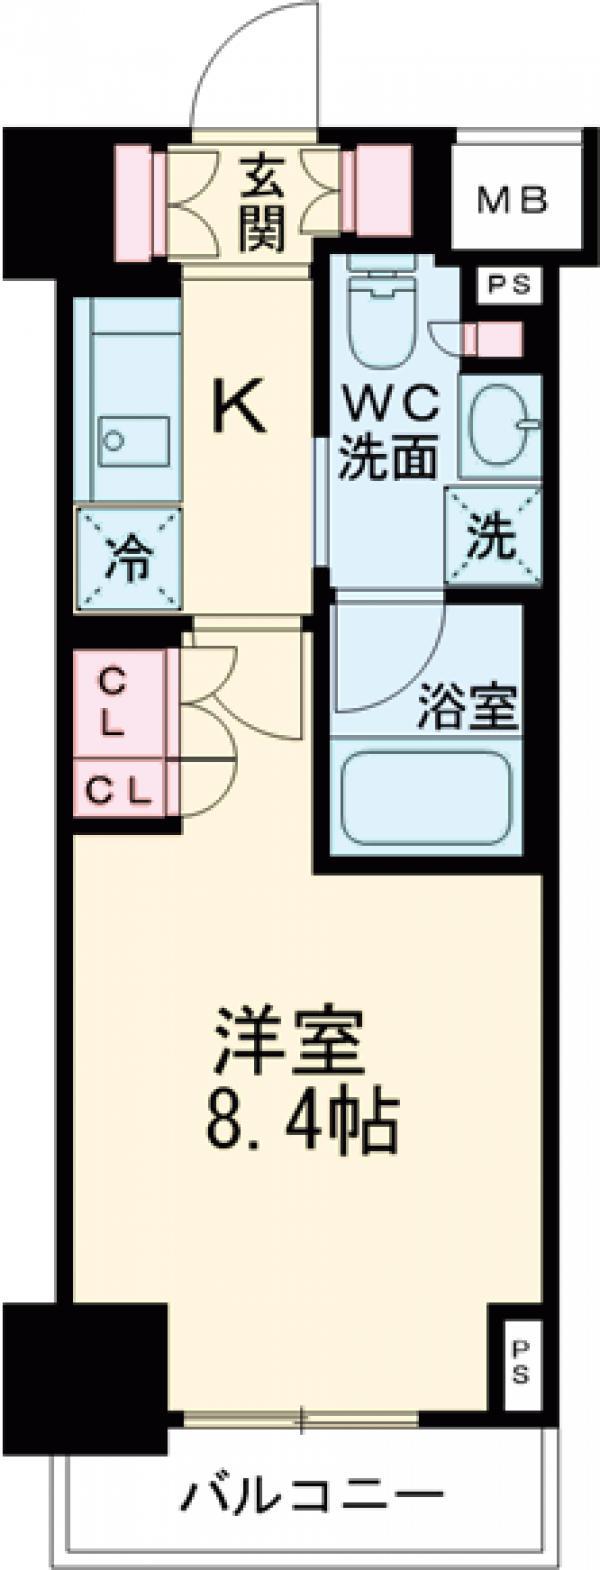 プラウドフラット西早稲田・204号室の間取り